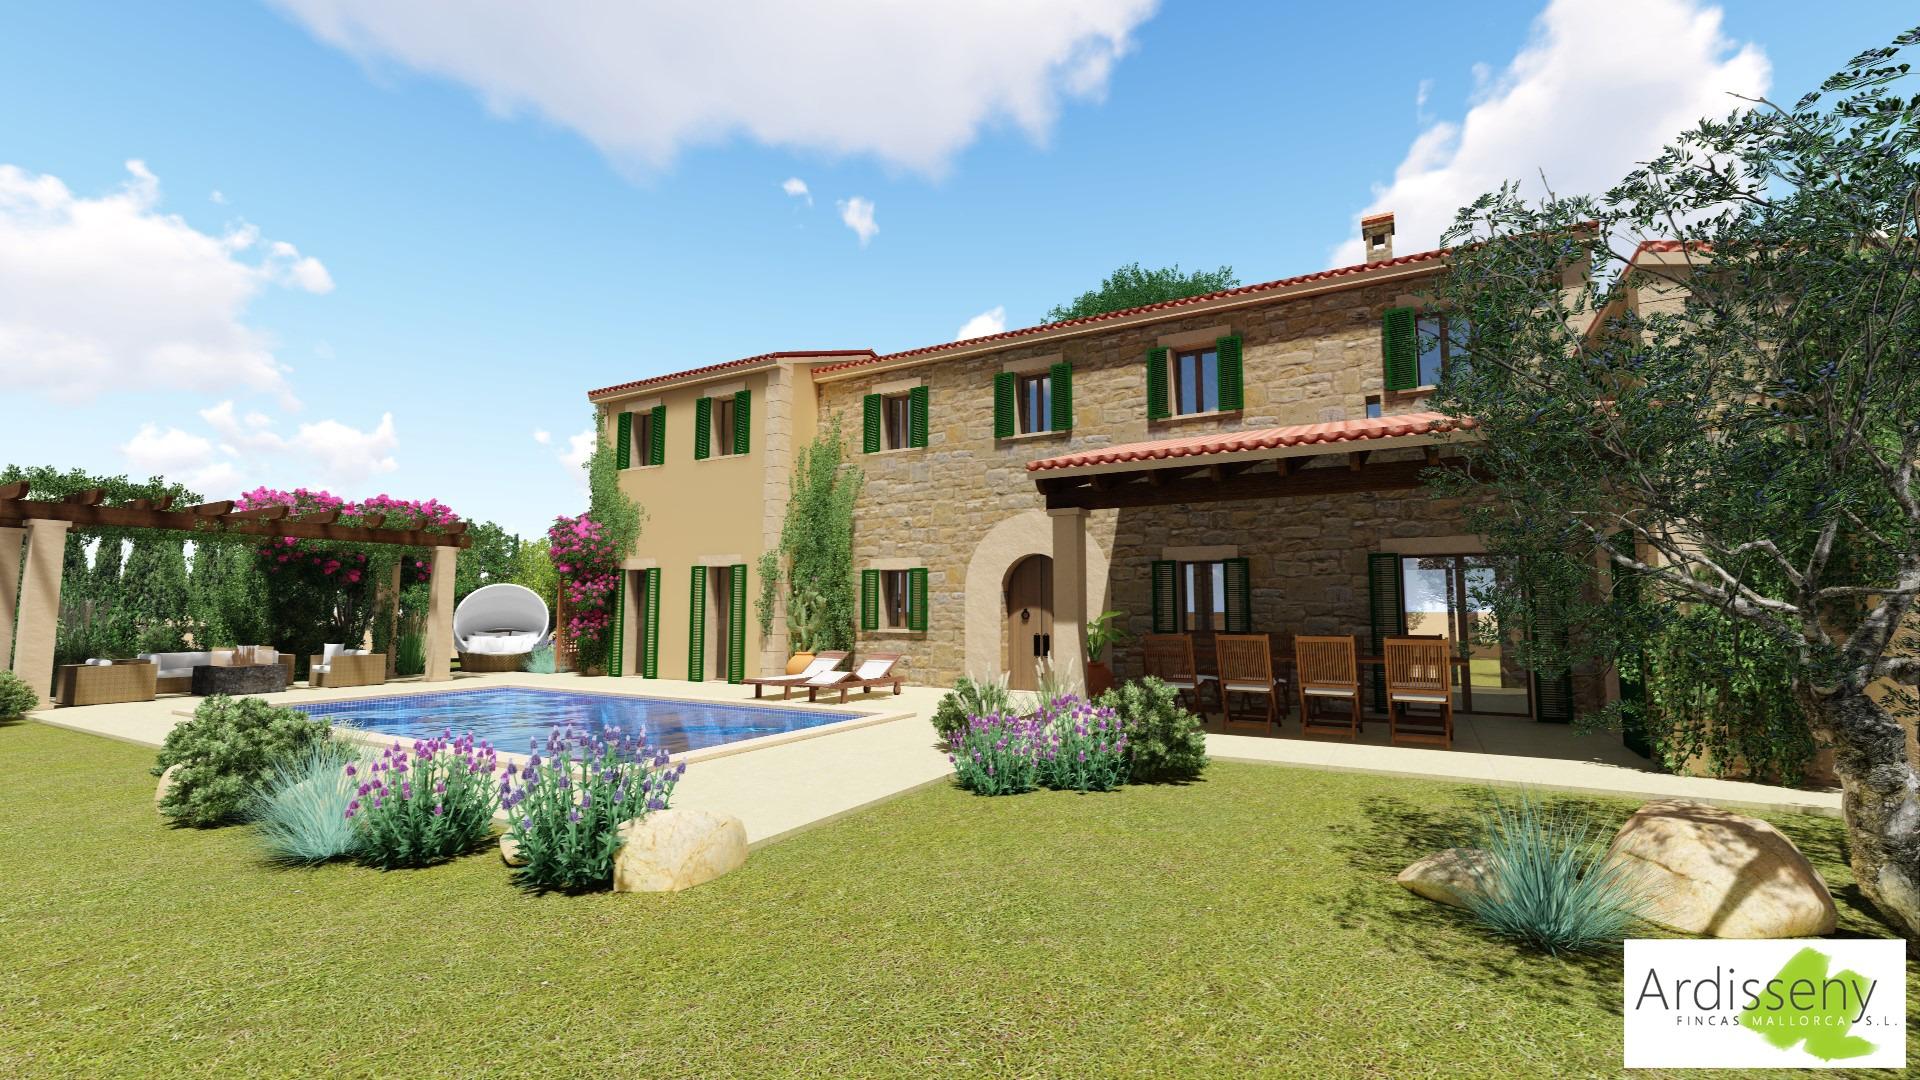 Weiterer Blick von der Pool- und Gartenseite auf die Landhaus-Finca in Inca auf Mallorca